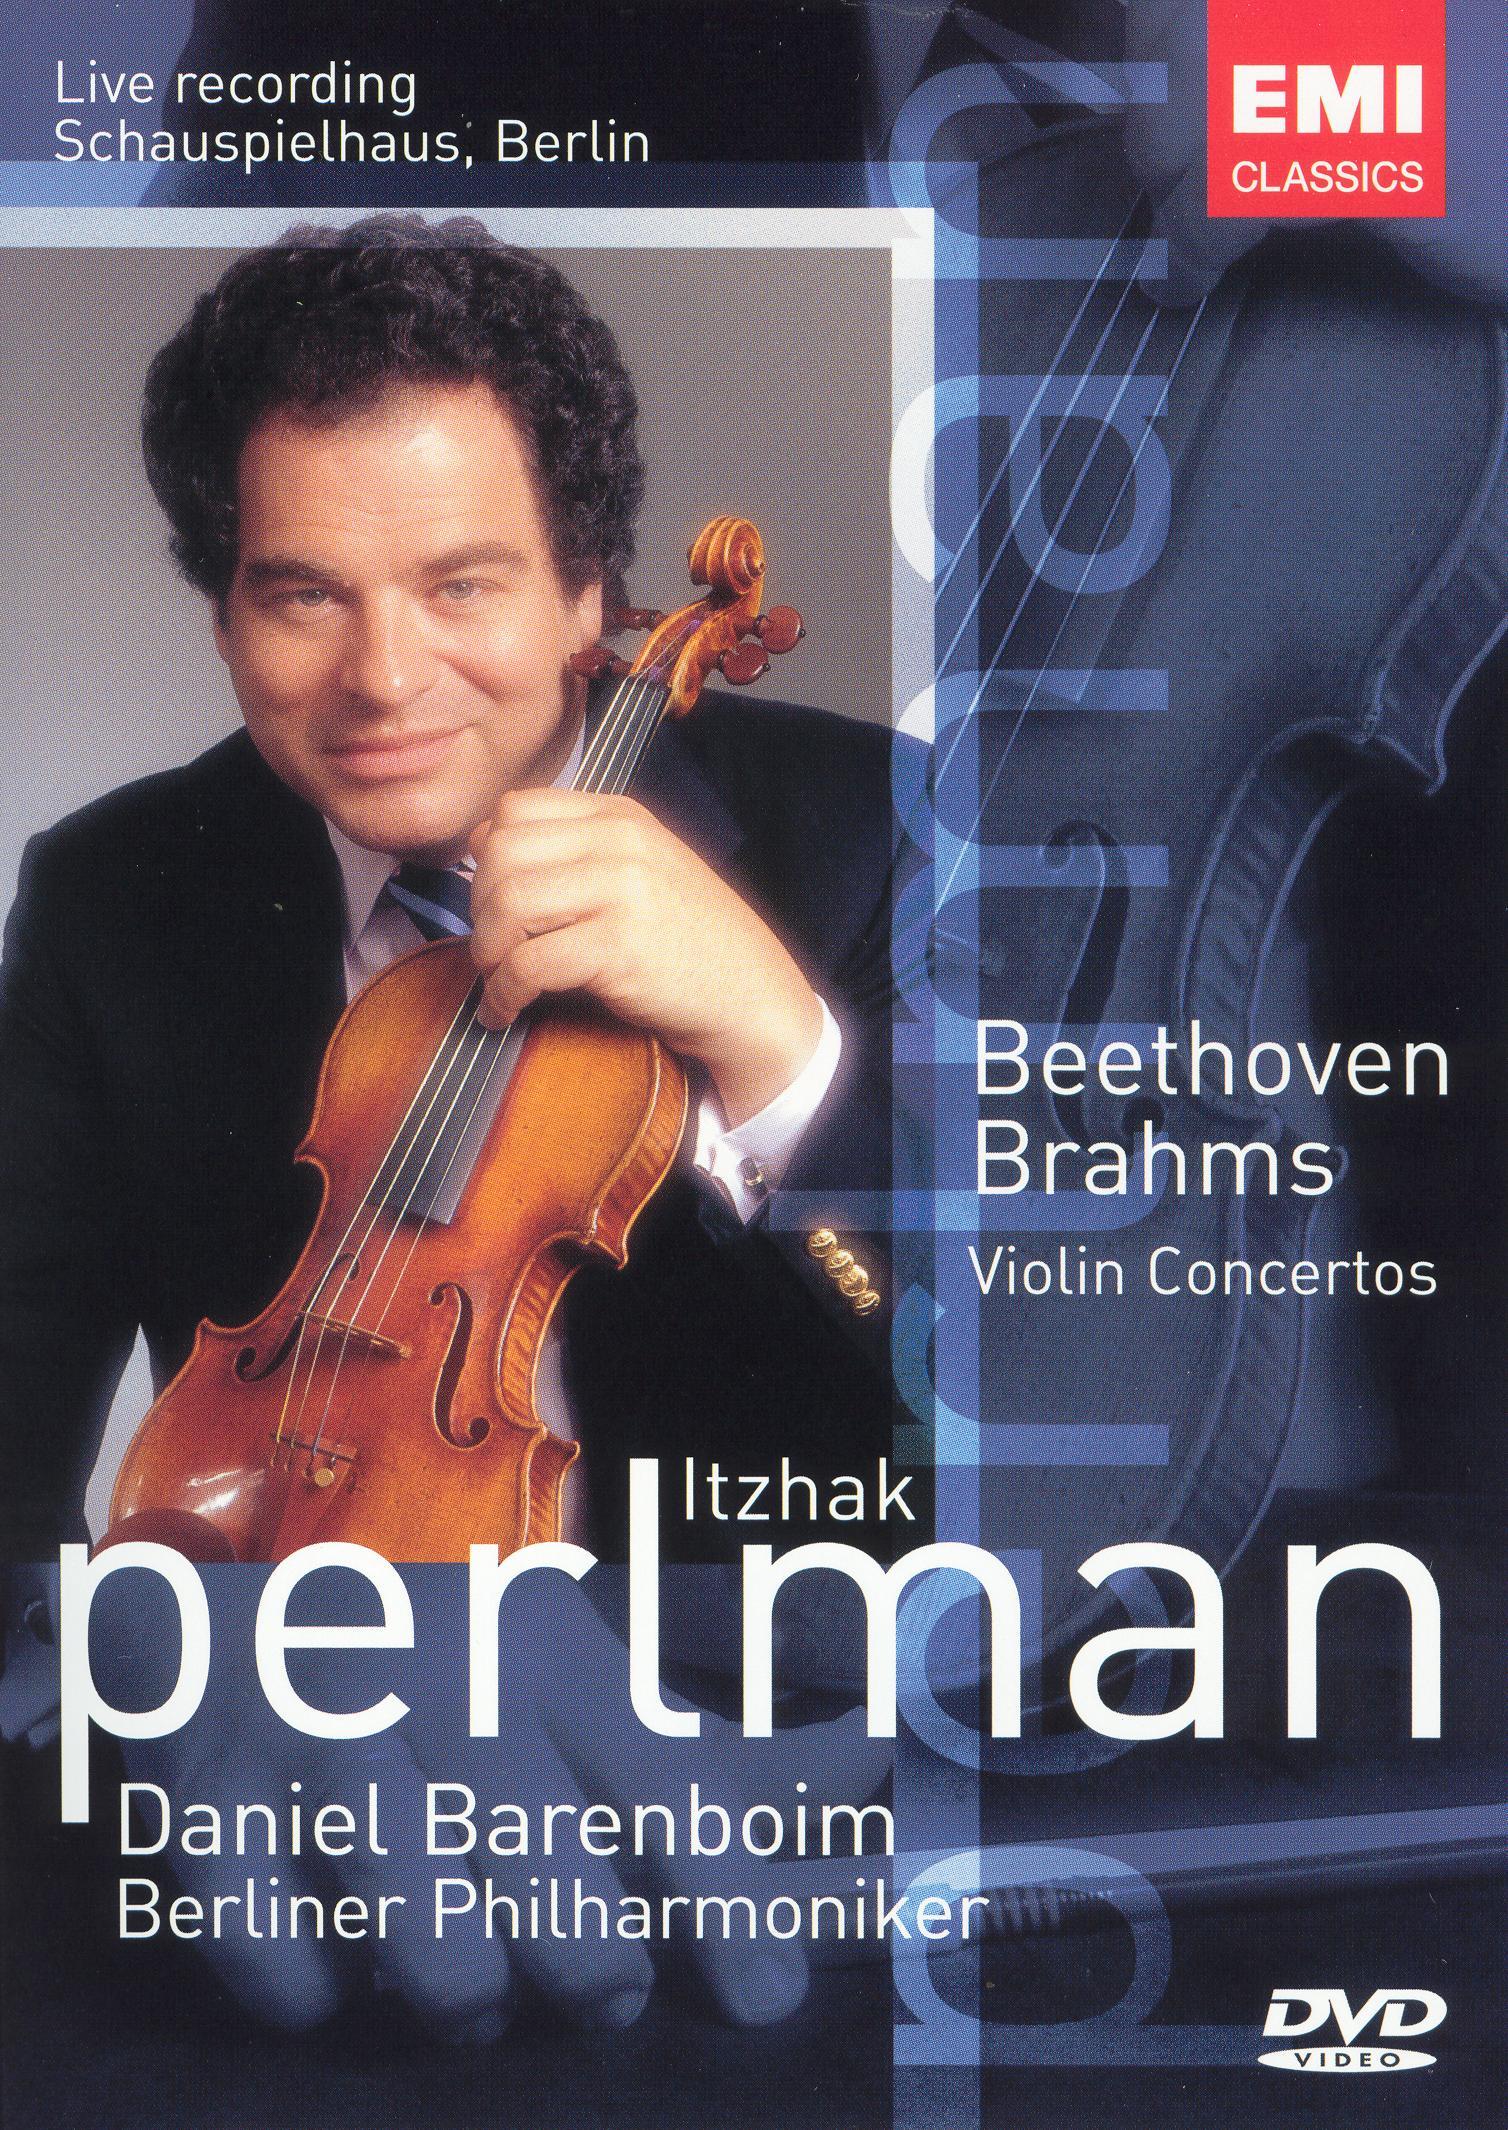 Itzhak Perlman: Beethoven/Brahms Violin Concertos